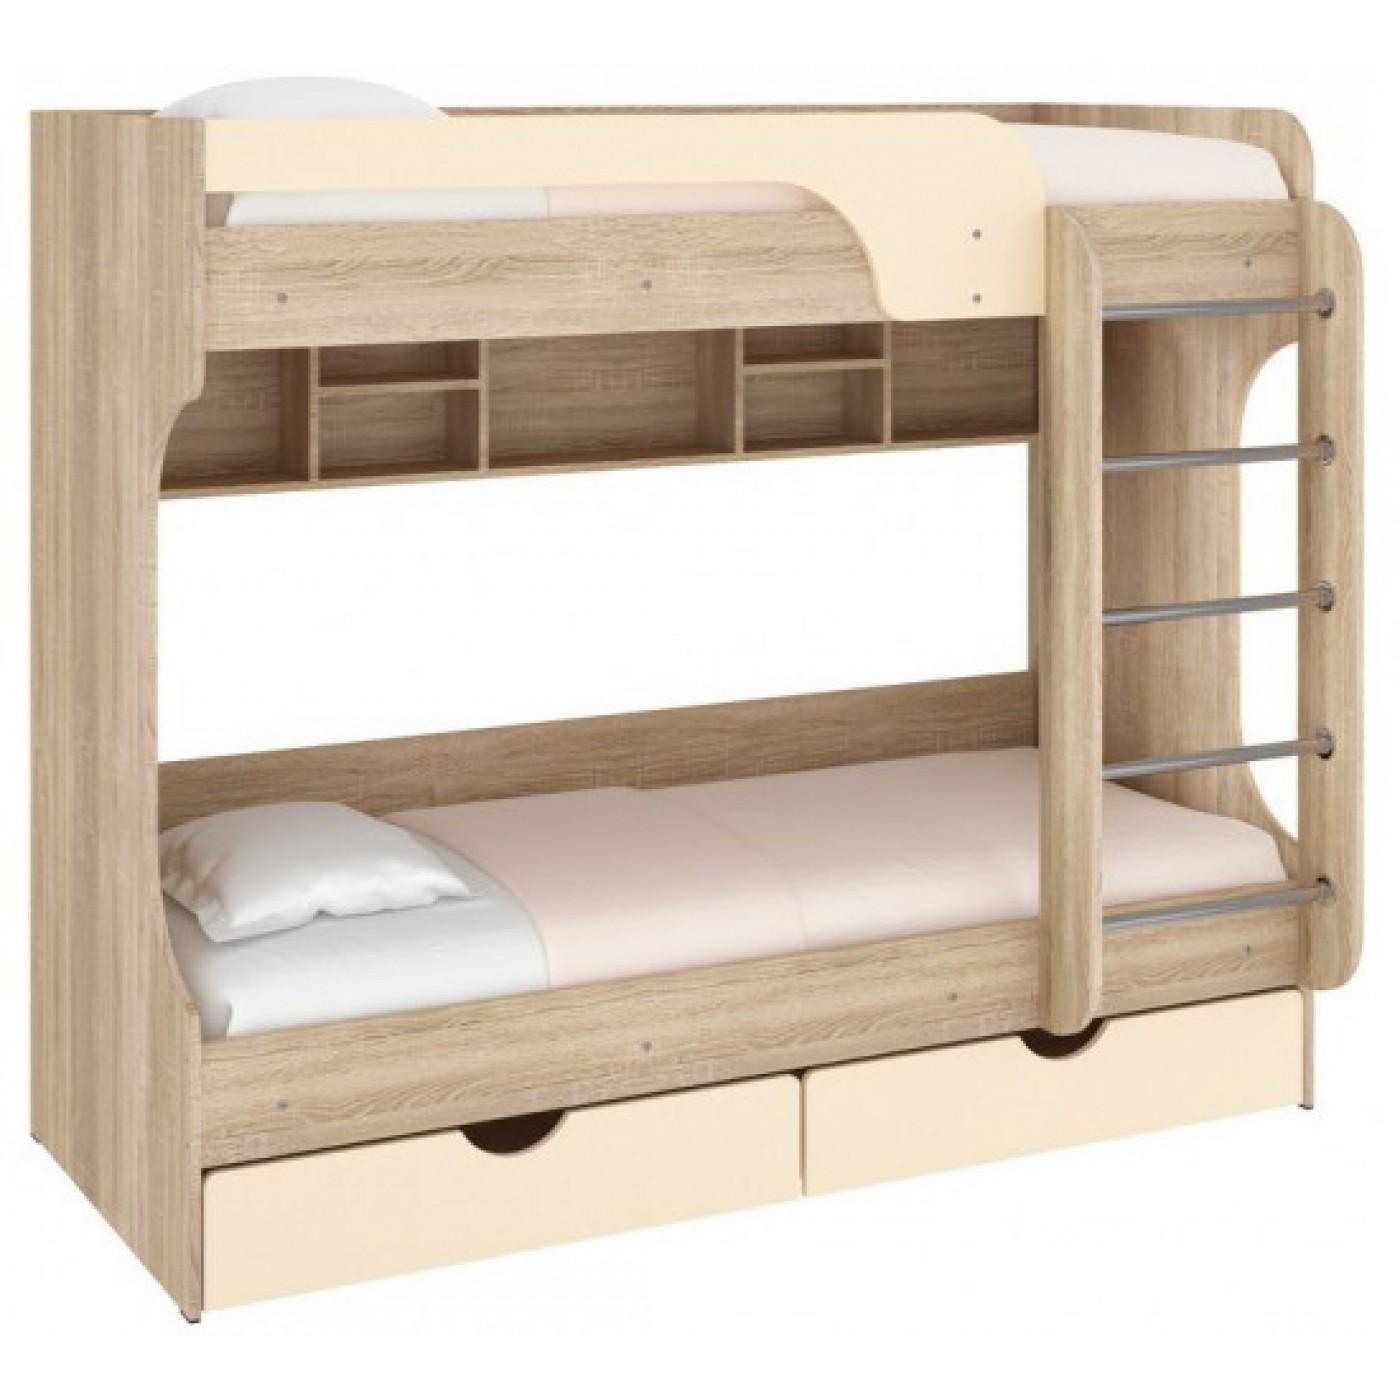 Двухъярусная кровать Юнга